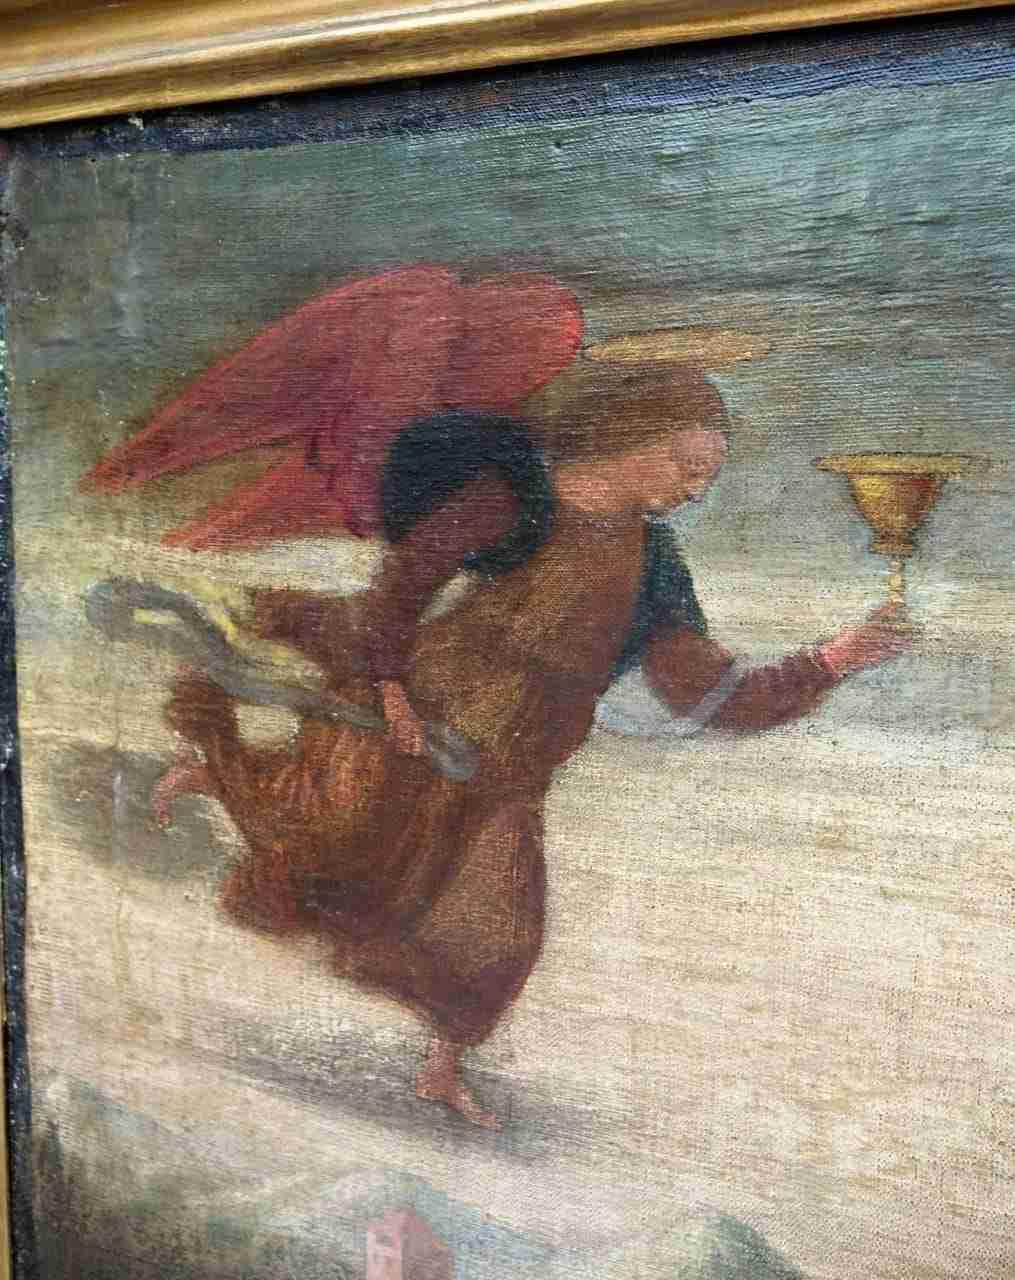 dipinto-500-orazione-nell-orto-4